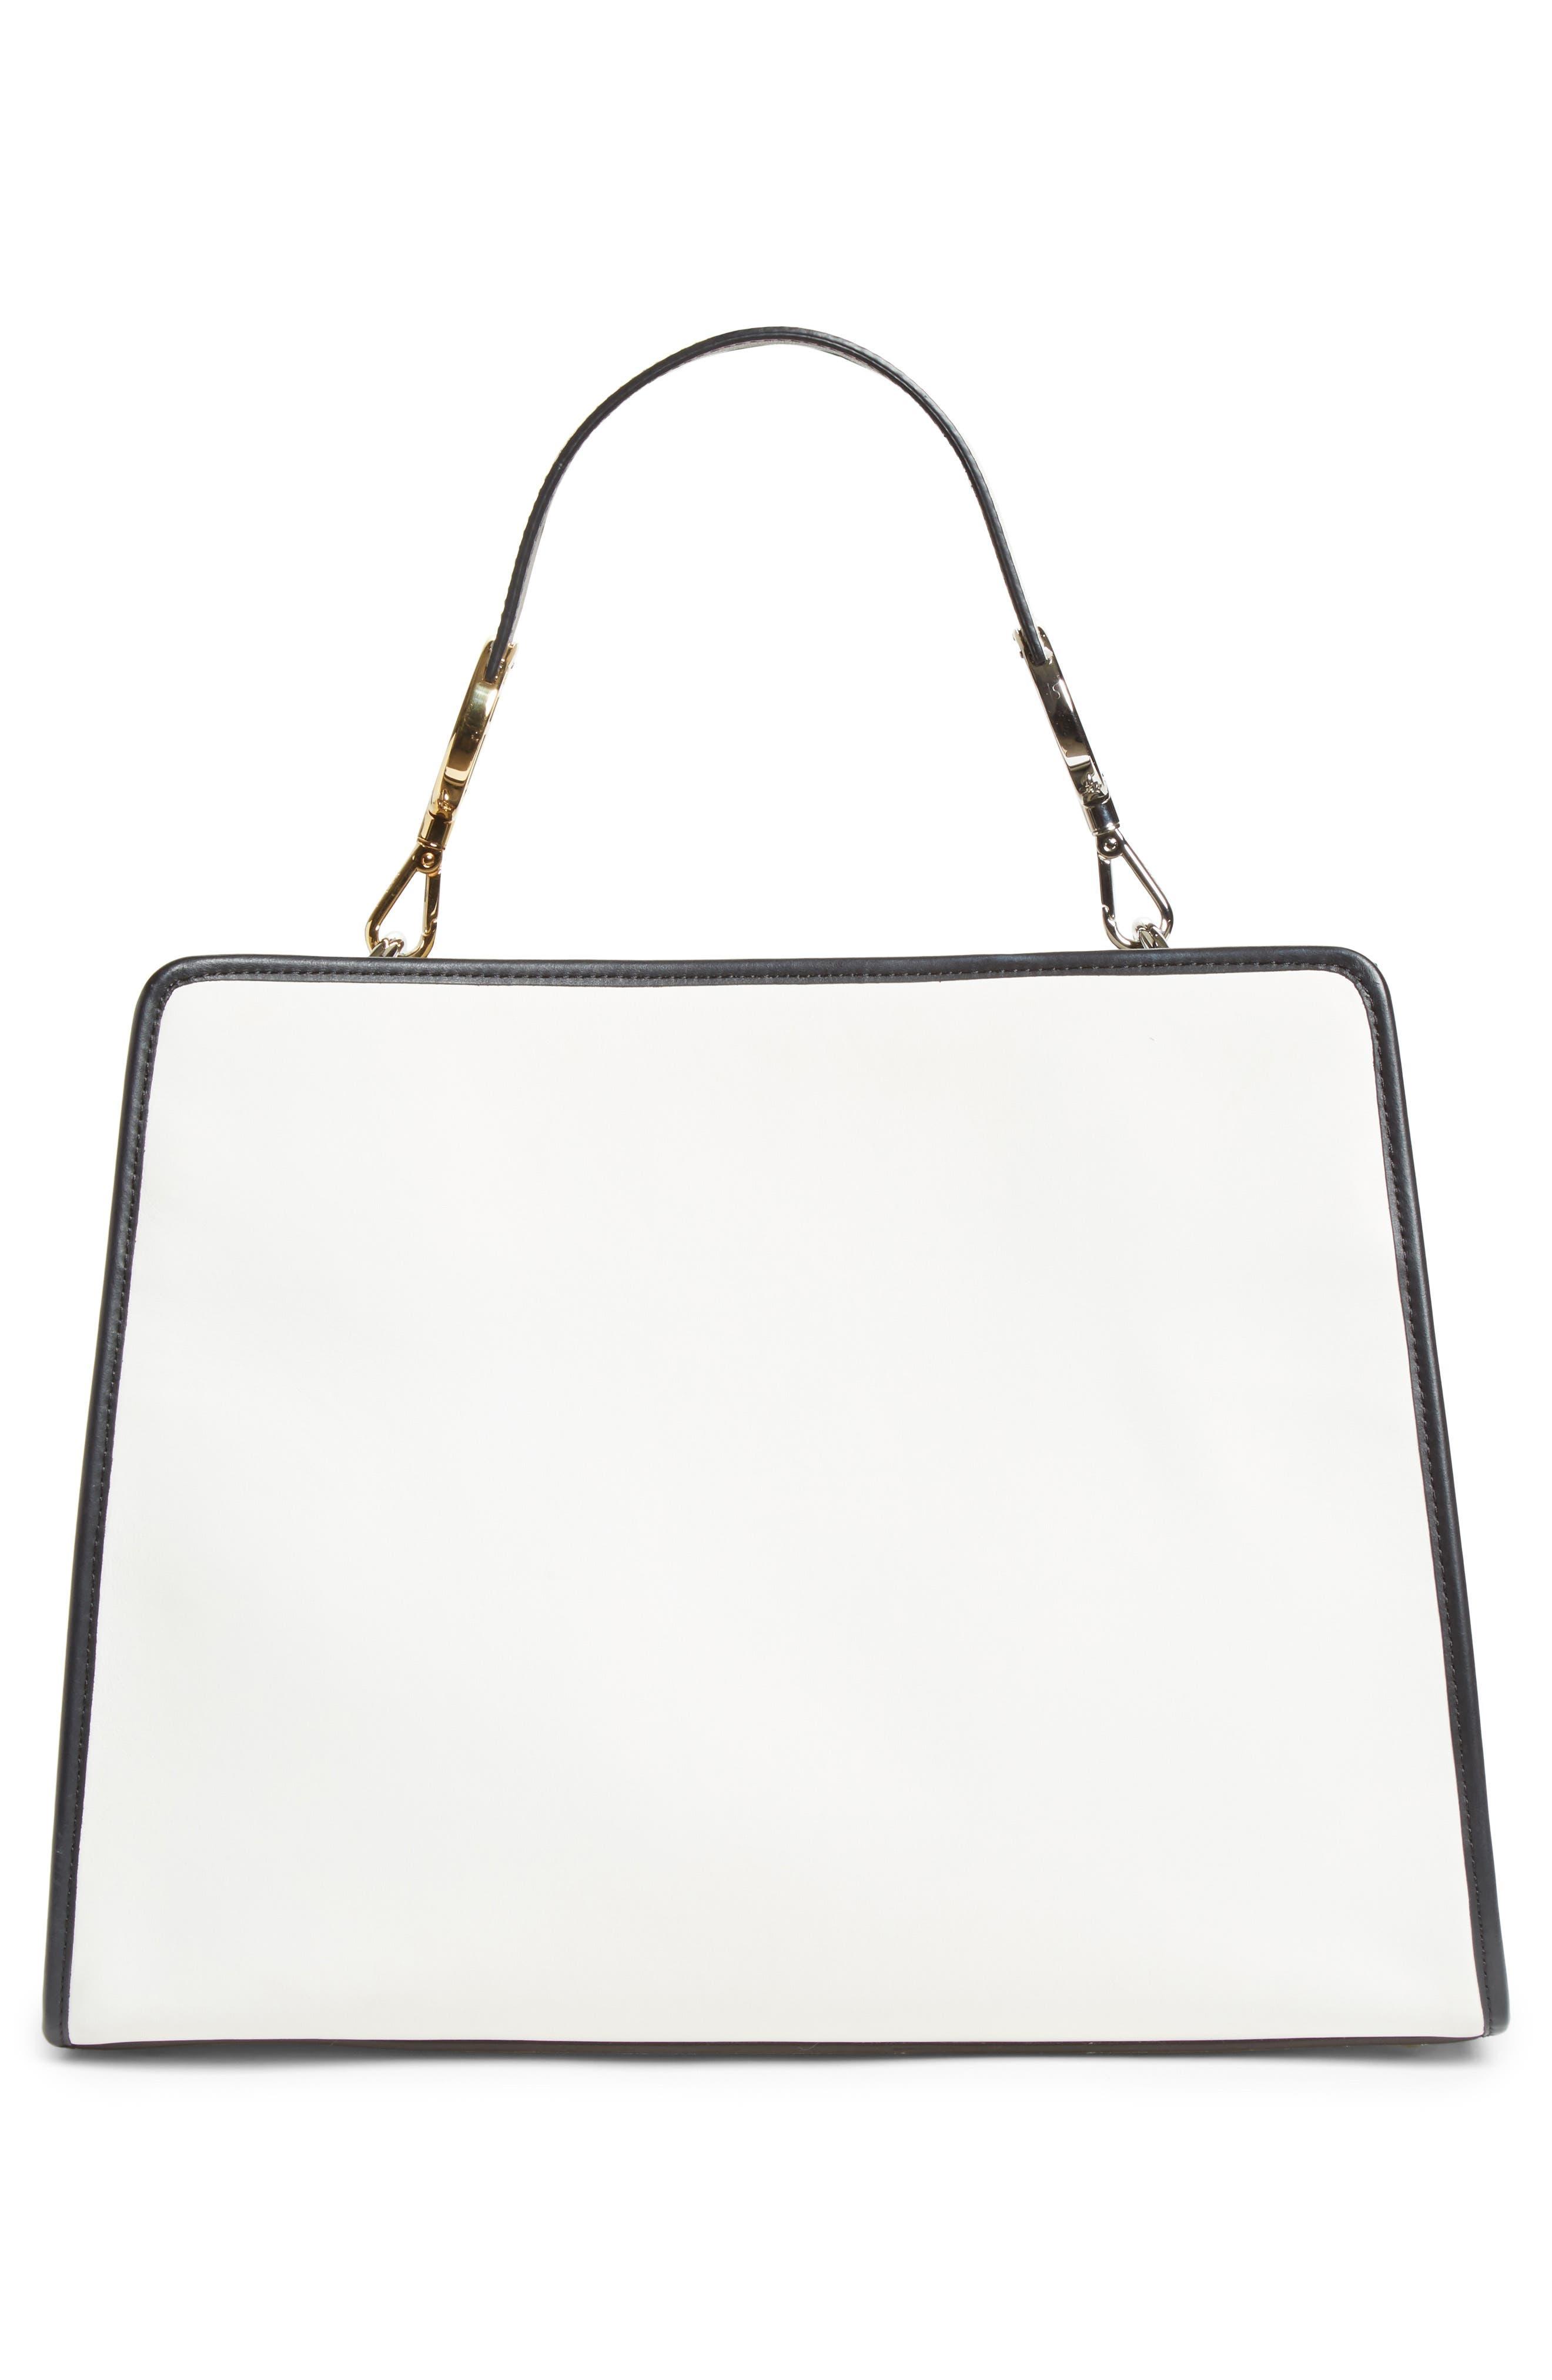 Runaway Medium Leather Tote Bag,                             Alternate thumbnail 2, color,                             121